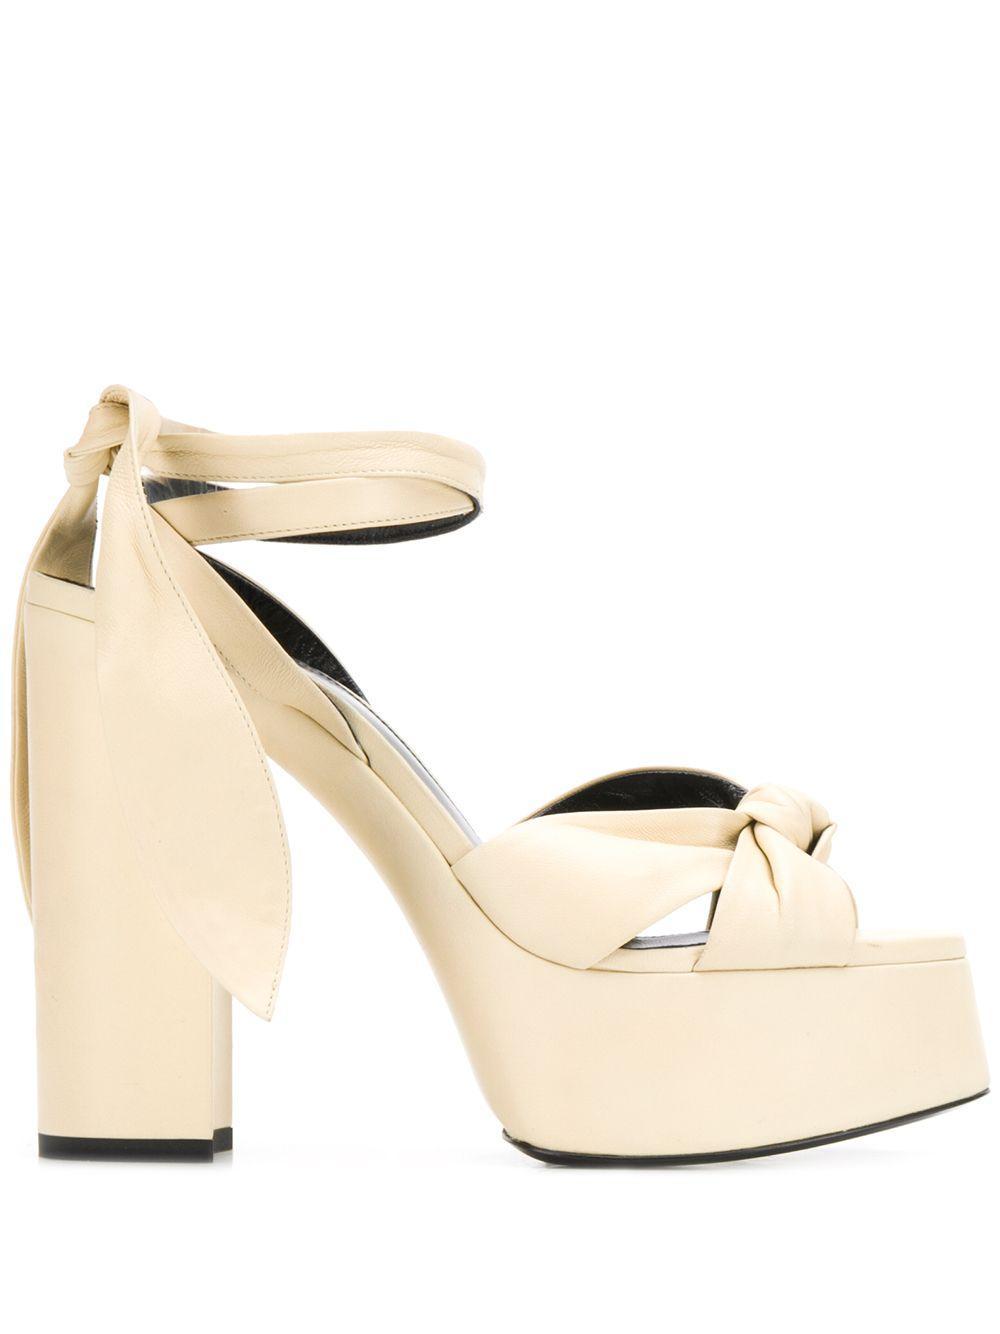 Bianca 85MM Platform Sandal